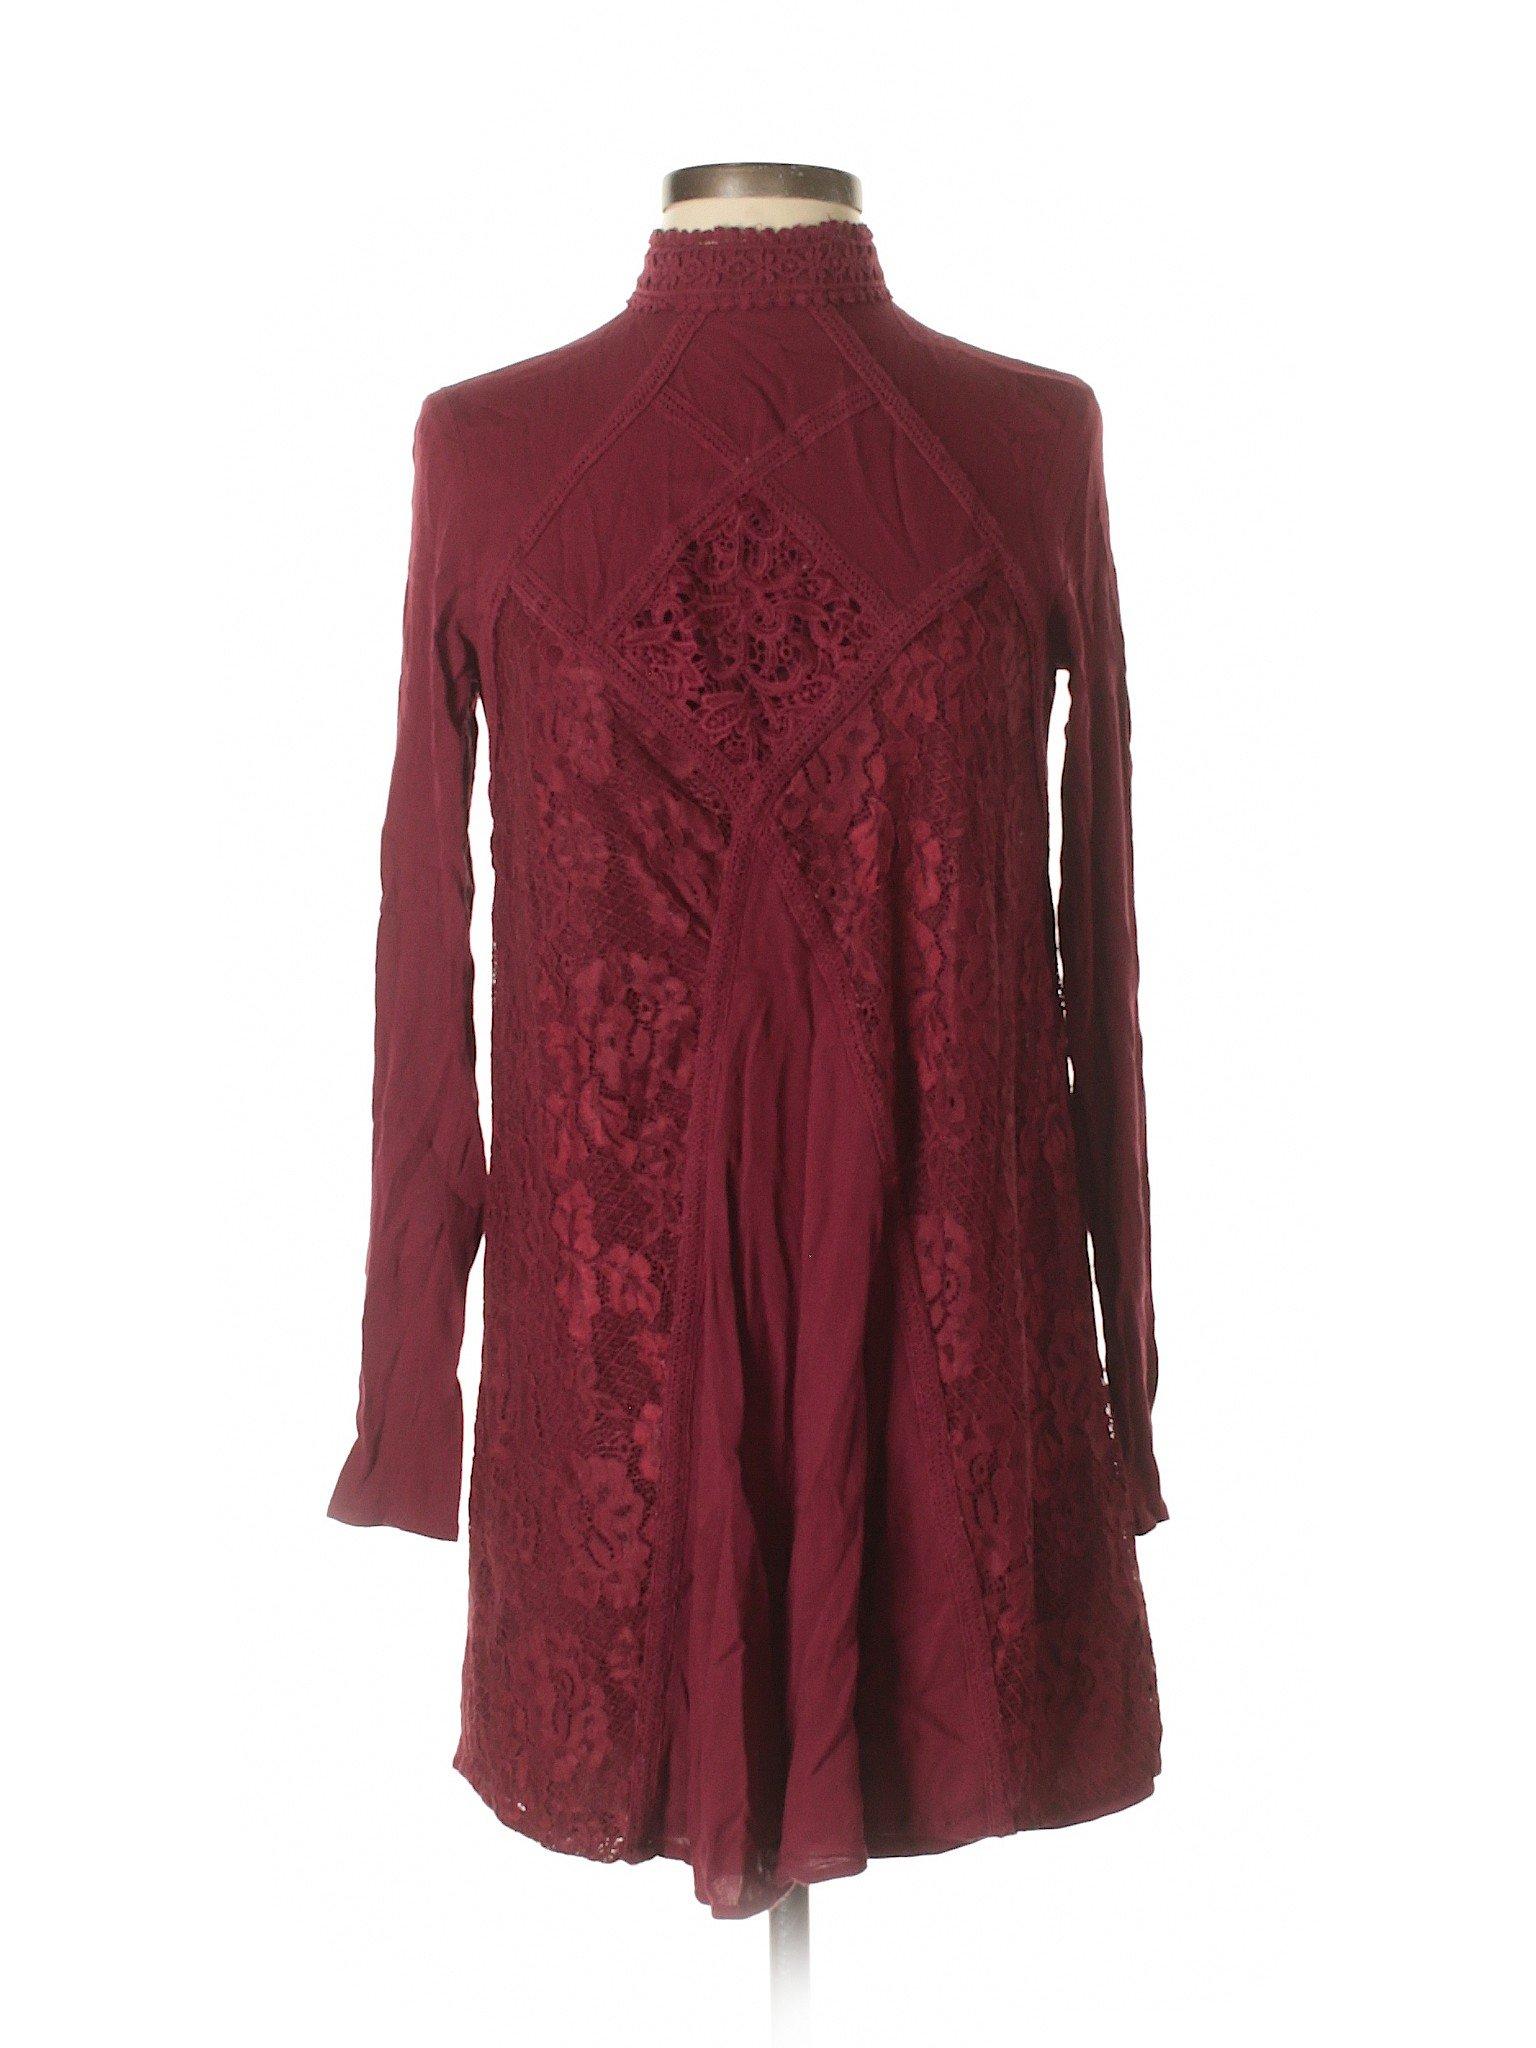 Xhilaration Xhilaration Dress Casual Selling Dress Selling Casual Selling Xhilaration YqFwz